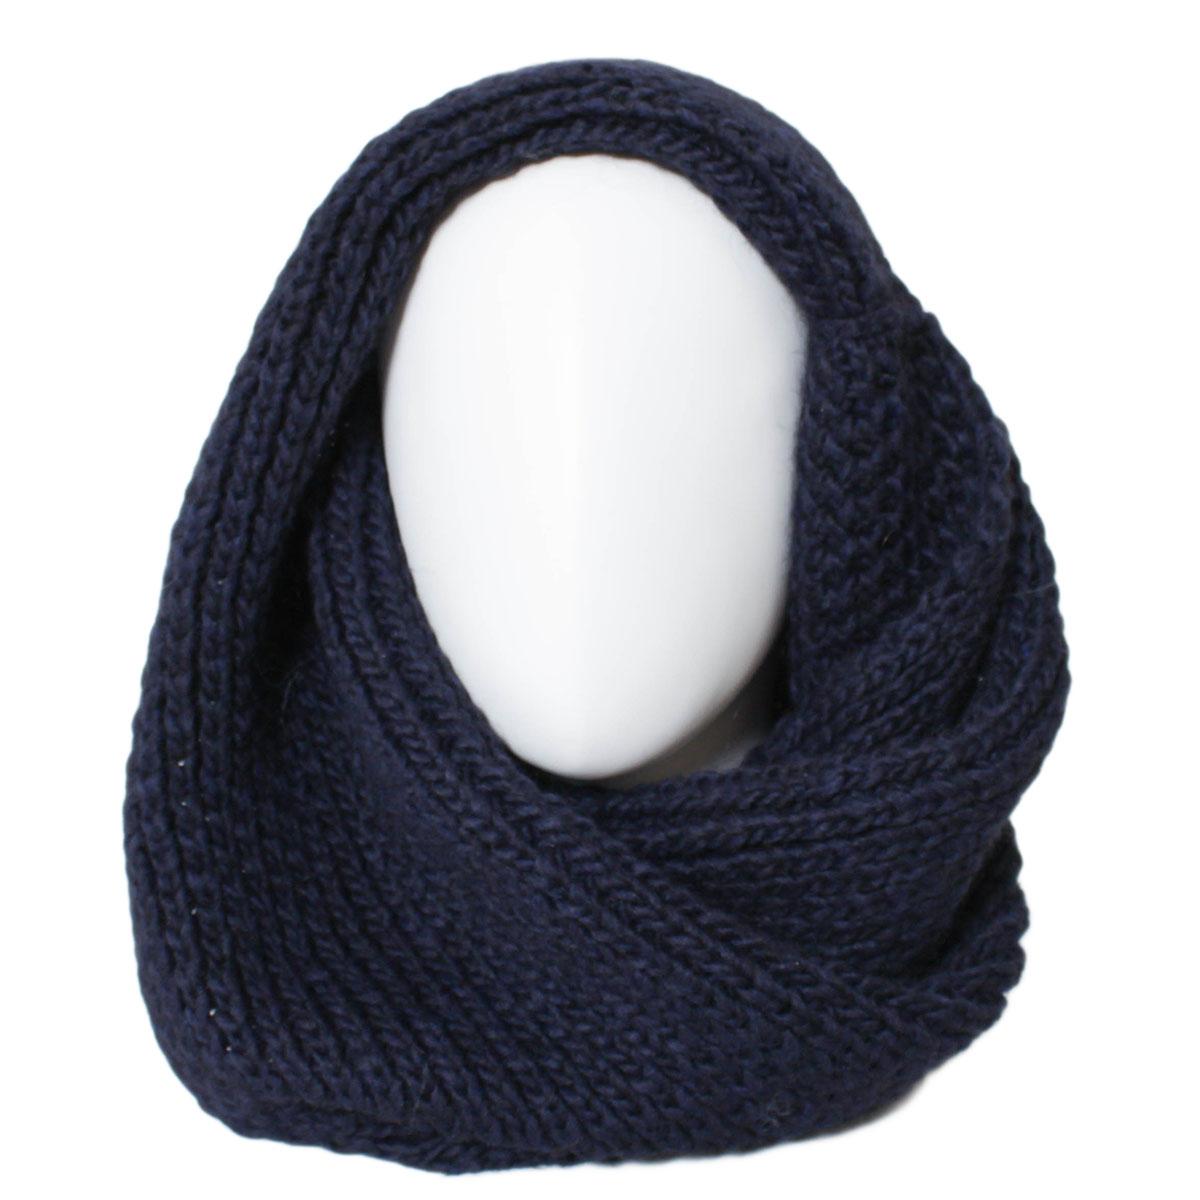 Снуд-хомут женский Flioraj, цвет: черный, синий. 301FJ. Размер 34 х 67 см301FJЖенский вязаный снуд-хомут Flioraj выполнен из овечьей шерсти и шерсти горной альпаки с добавлением полиакрила и вискозы. Модель связана кольцом и имеет крупную плотную вязку и выполнена модным рельефным рисунком.